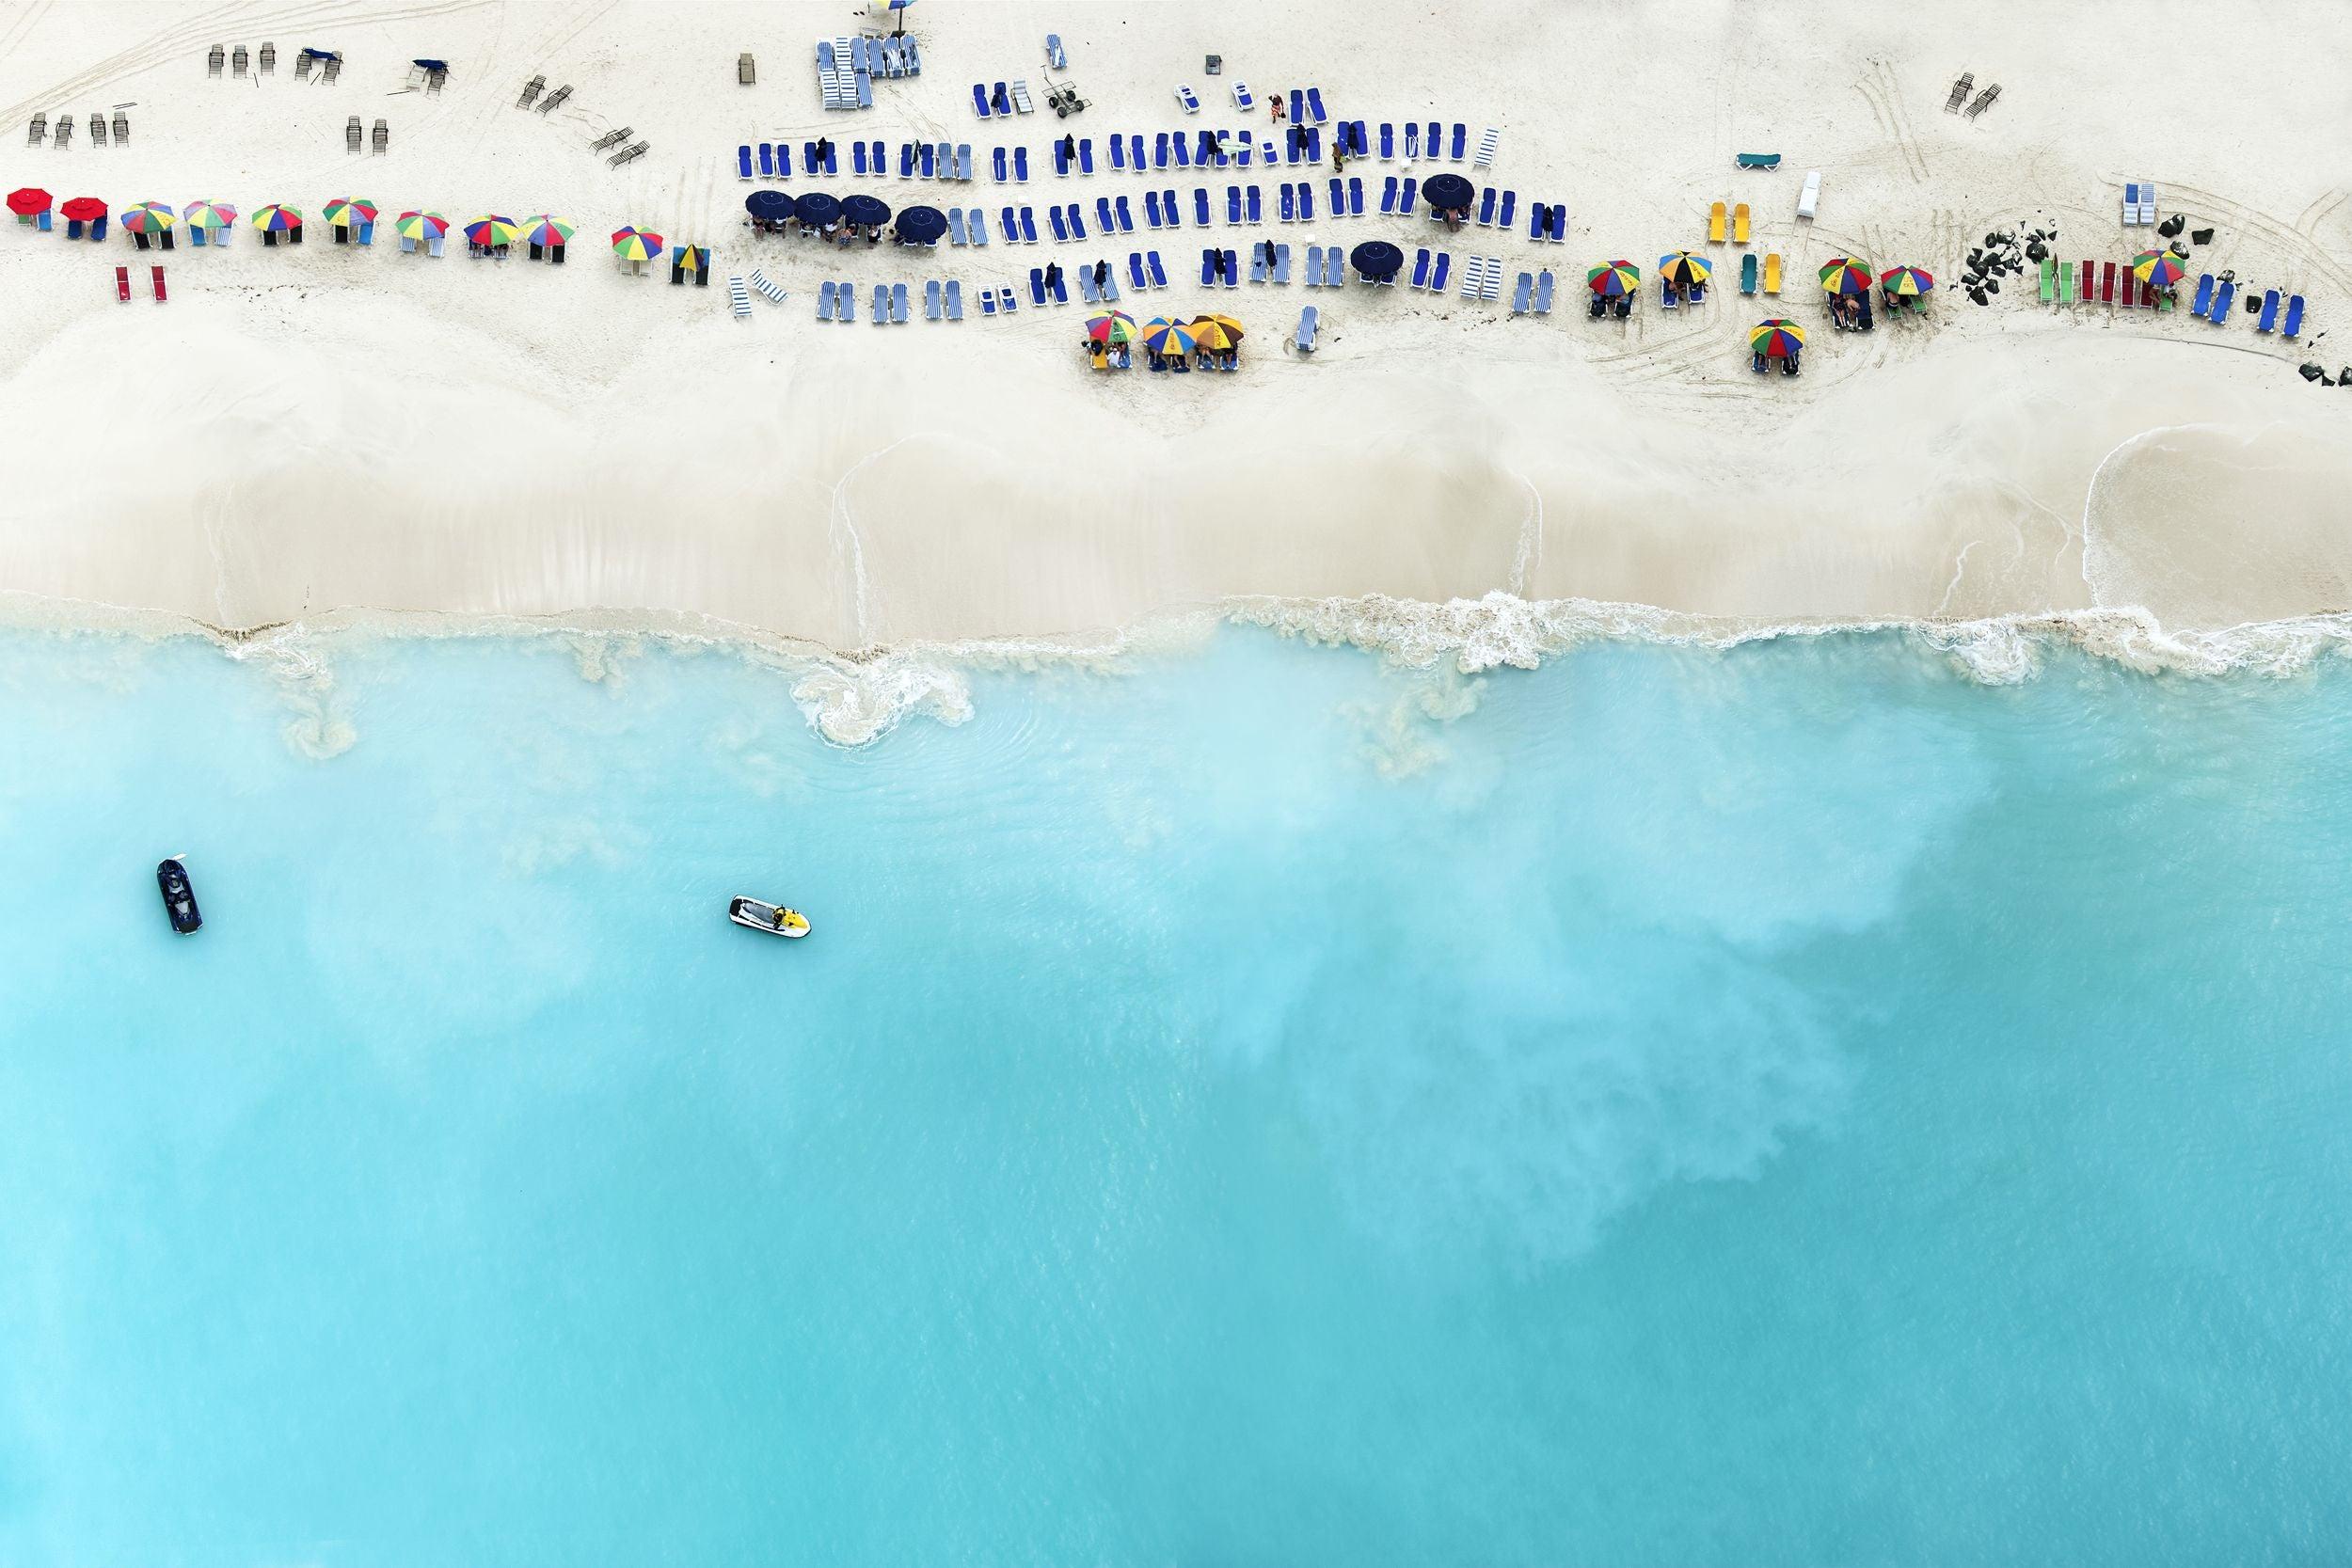 Increíbles fotografías aéreas de playas soleadas en Antigua (FOTOGRAFÍAS)